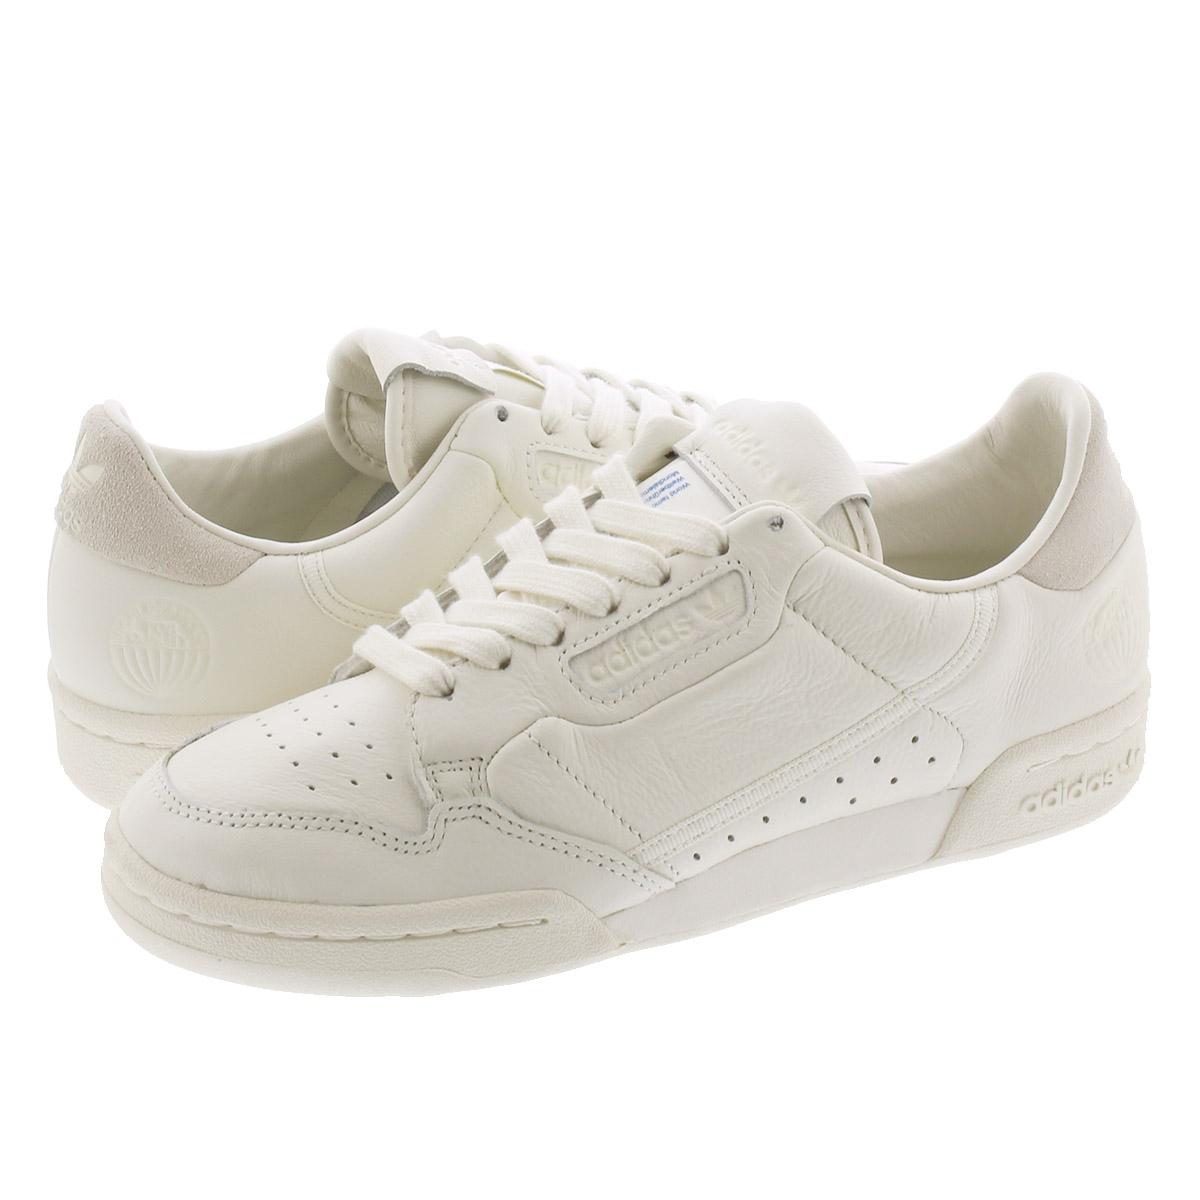 【毎日がお得!値下げプライス】 adidas CONTINENTAL 80 アディダス コンチネンタル 80 OFF WHITE/OFF WHITE/OFF WHITE eg6719